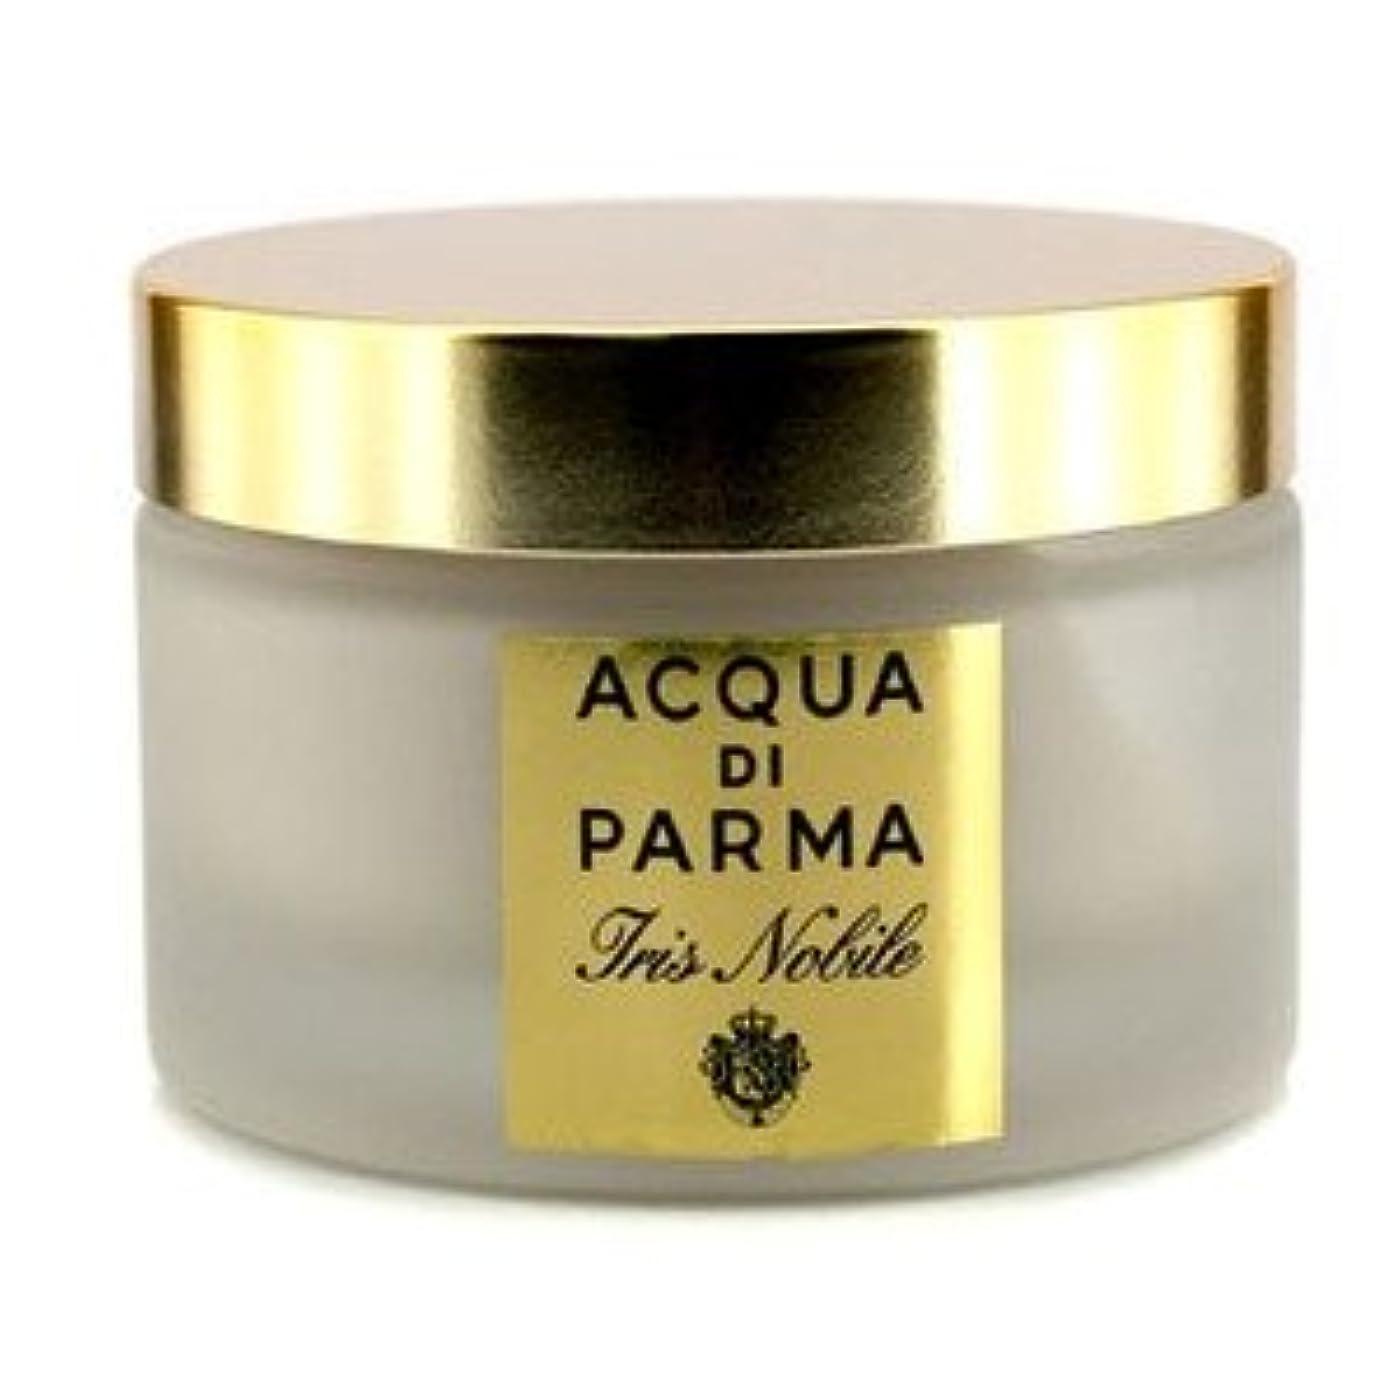 天準備志すアクア ディ パルマ[Acqua Di Parma] アイリス ノービル ルミナス ボディ クリーム 150g/5.25oz [並行輸入品]